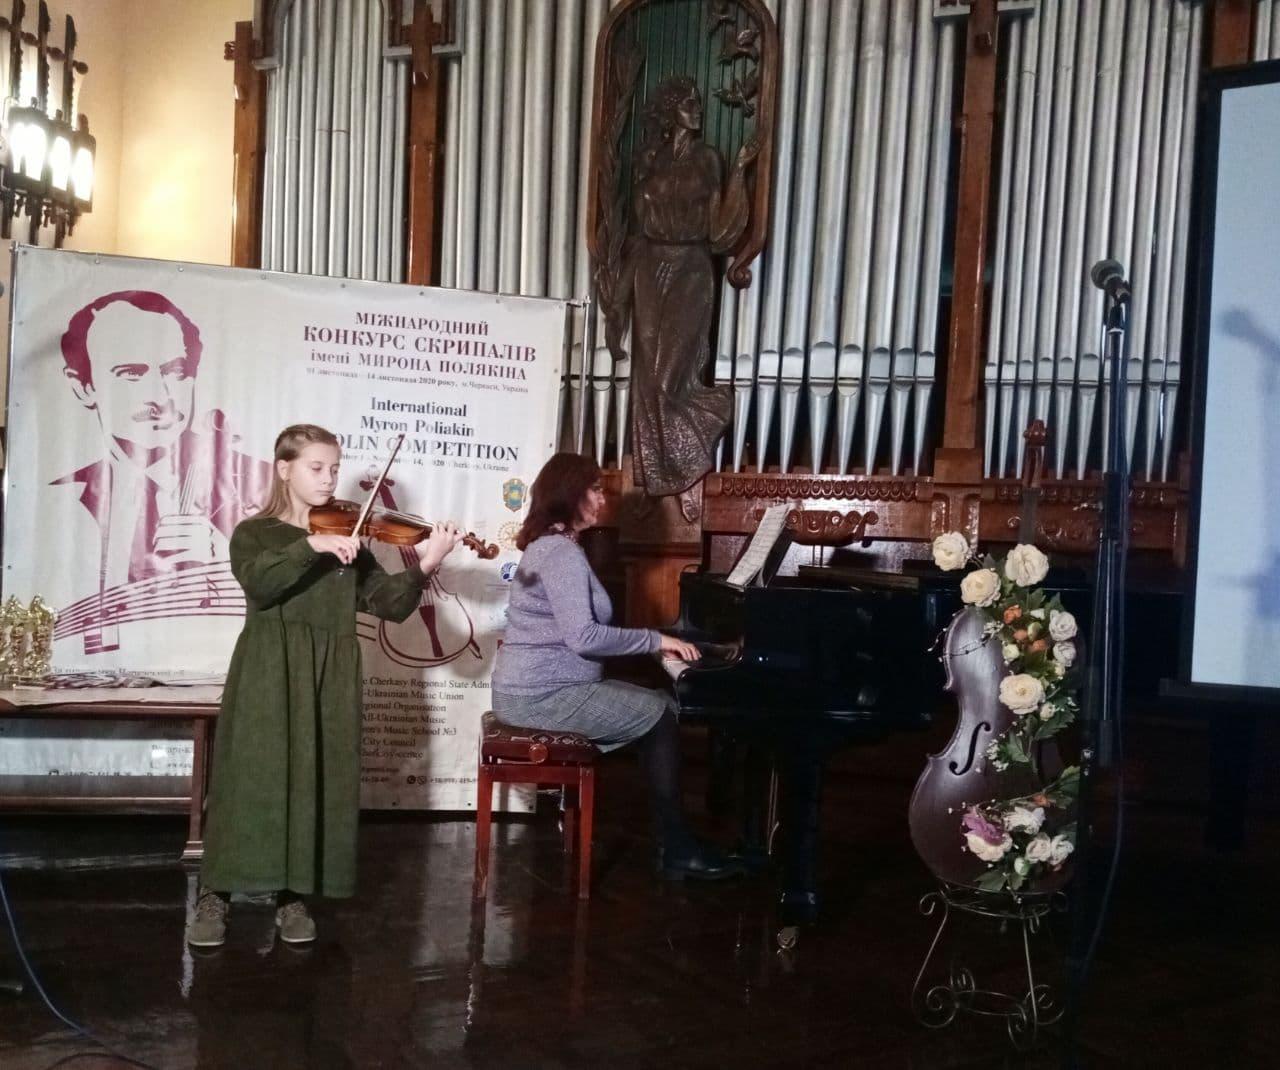 Юні скрипалі з Черкащини отримали відзнаки міжнародного рівня (ФОТО)